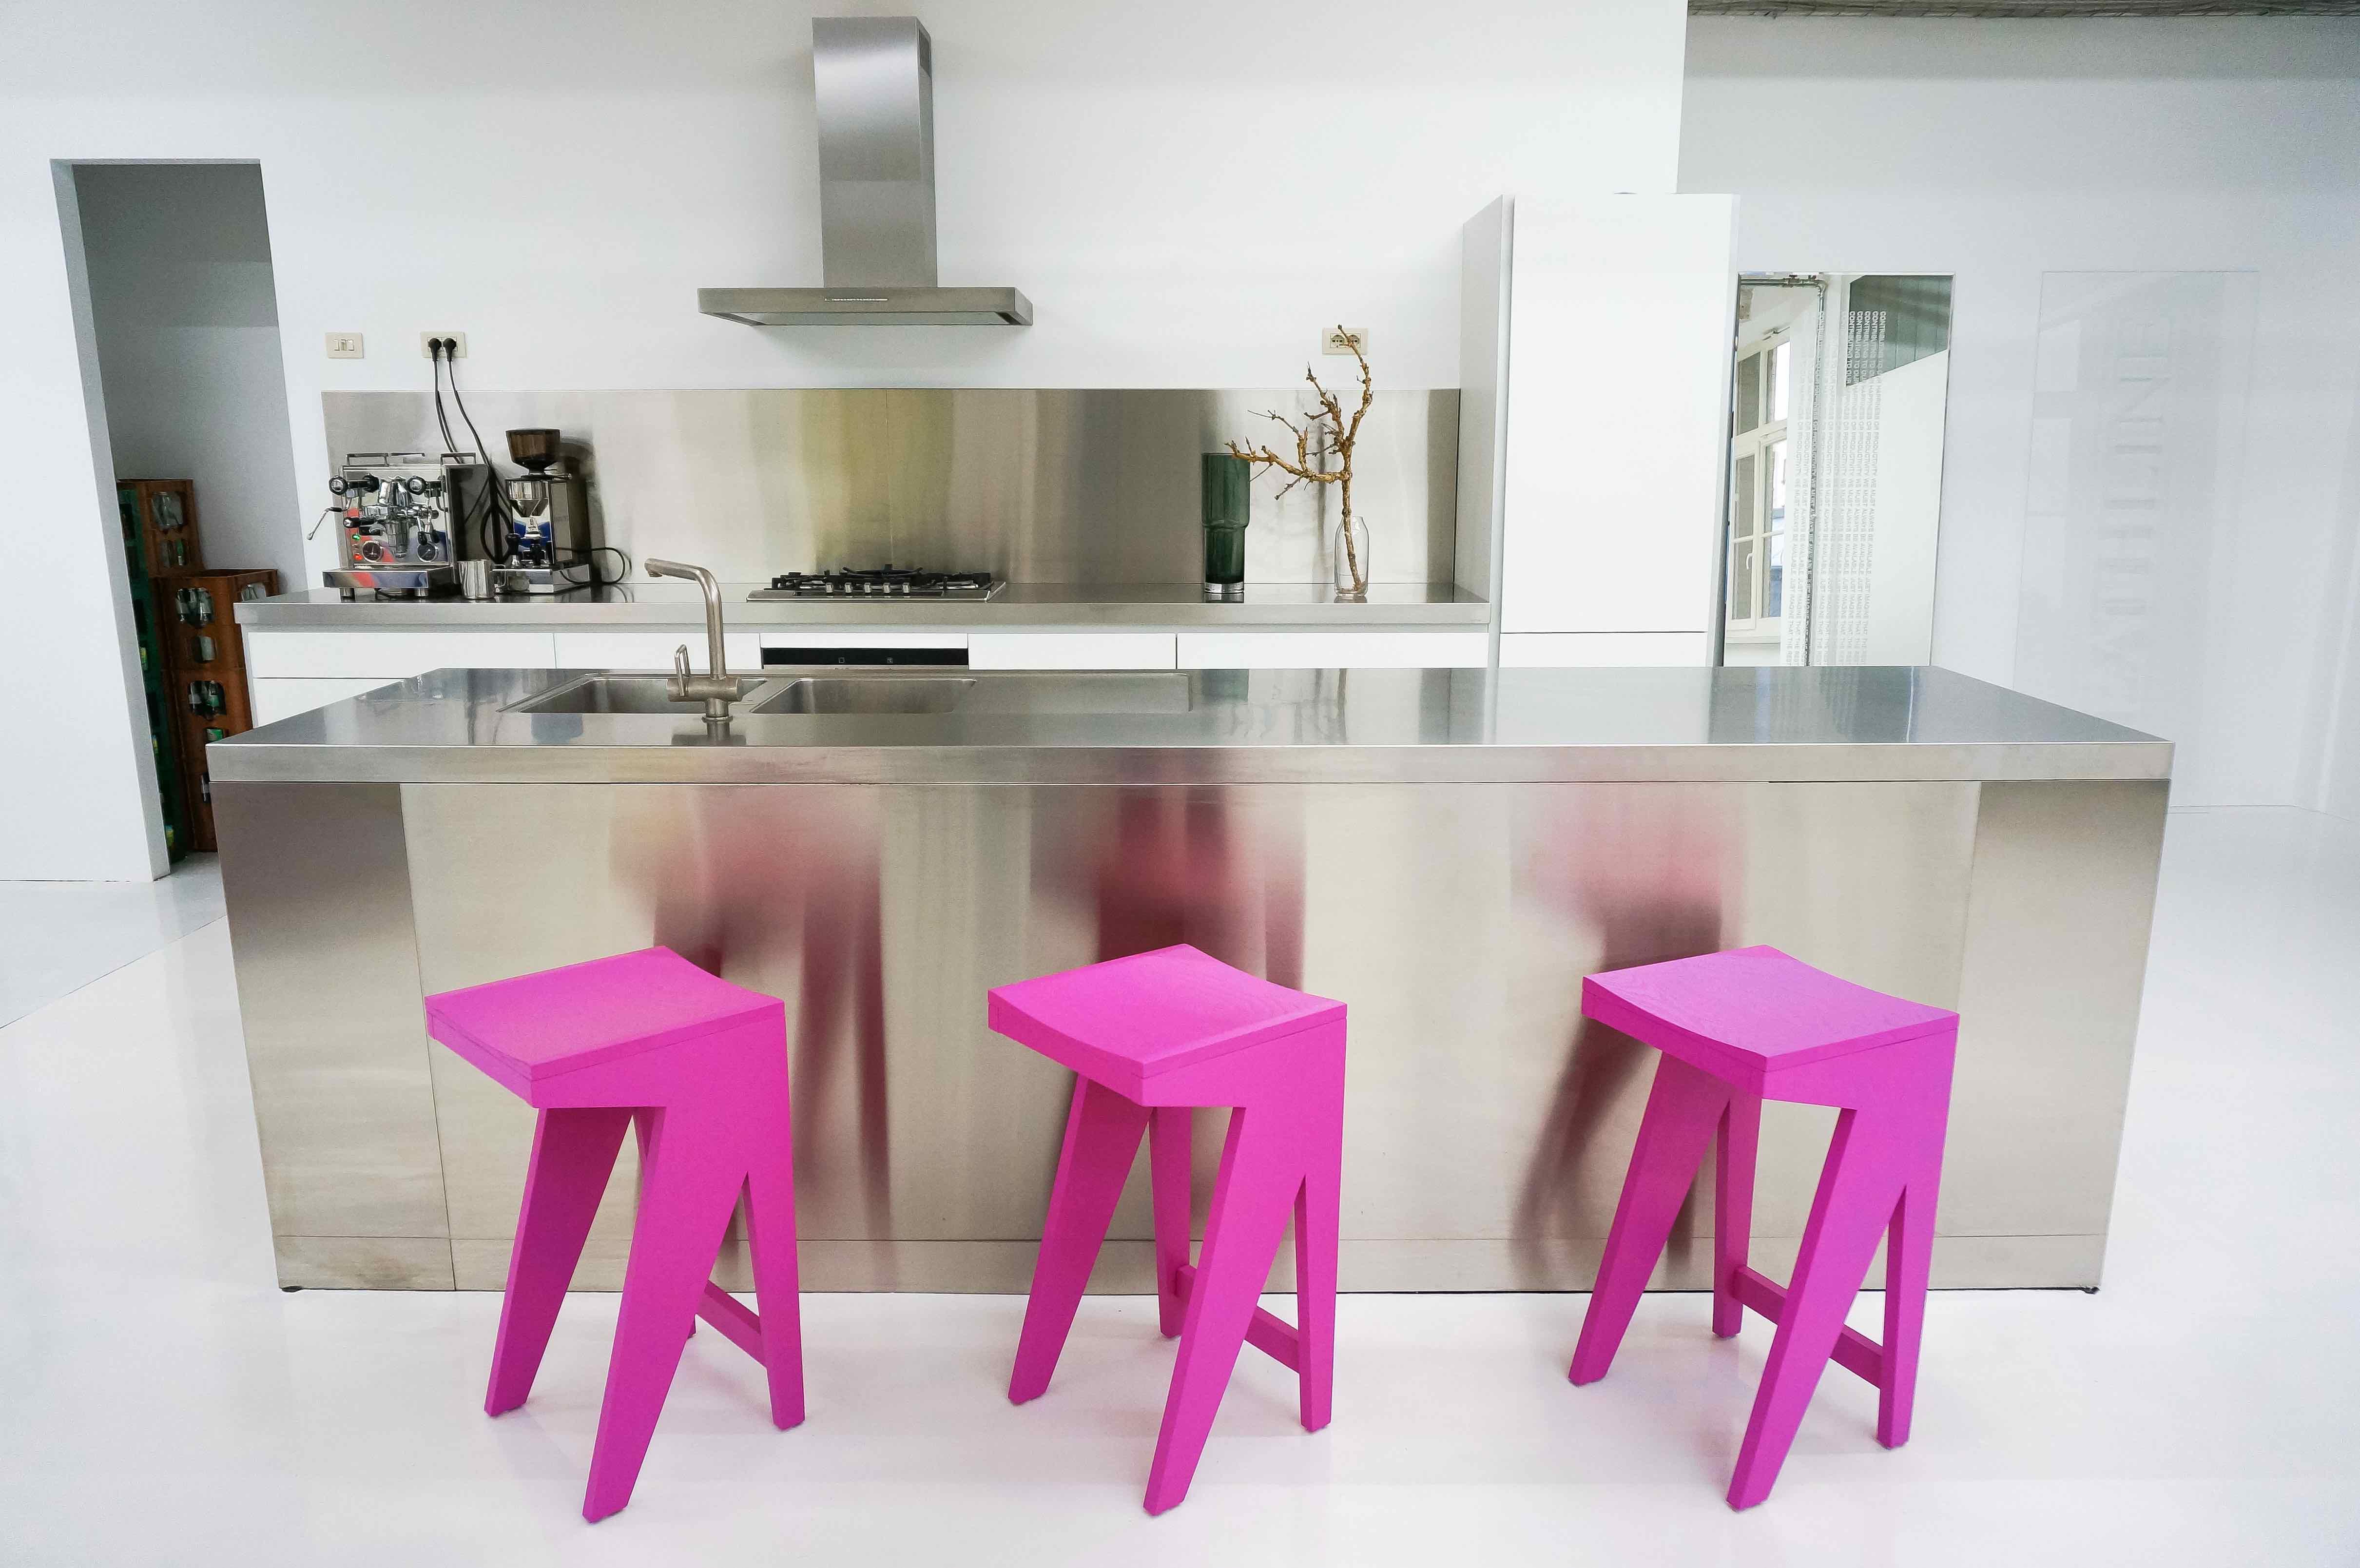 Objekte-unserer-Tage_K-che-und-Schulz-Barhocker-in-Miami-Pink